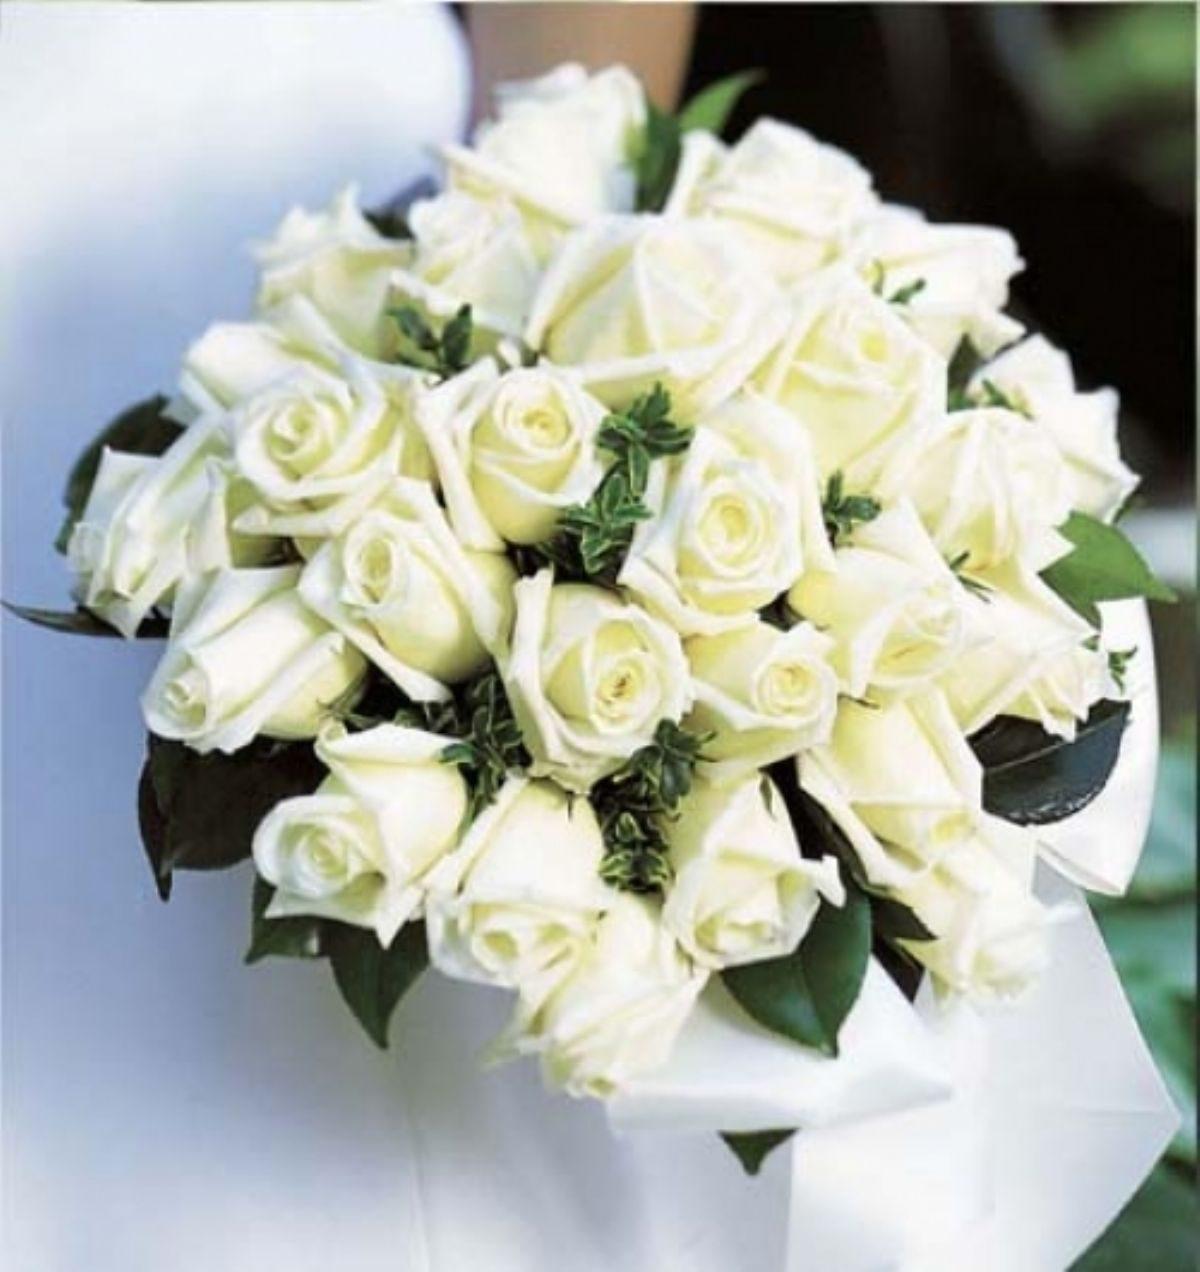 Rüyada Düğün Çiçeği görmek